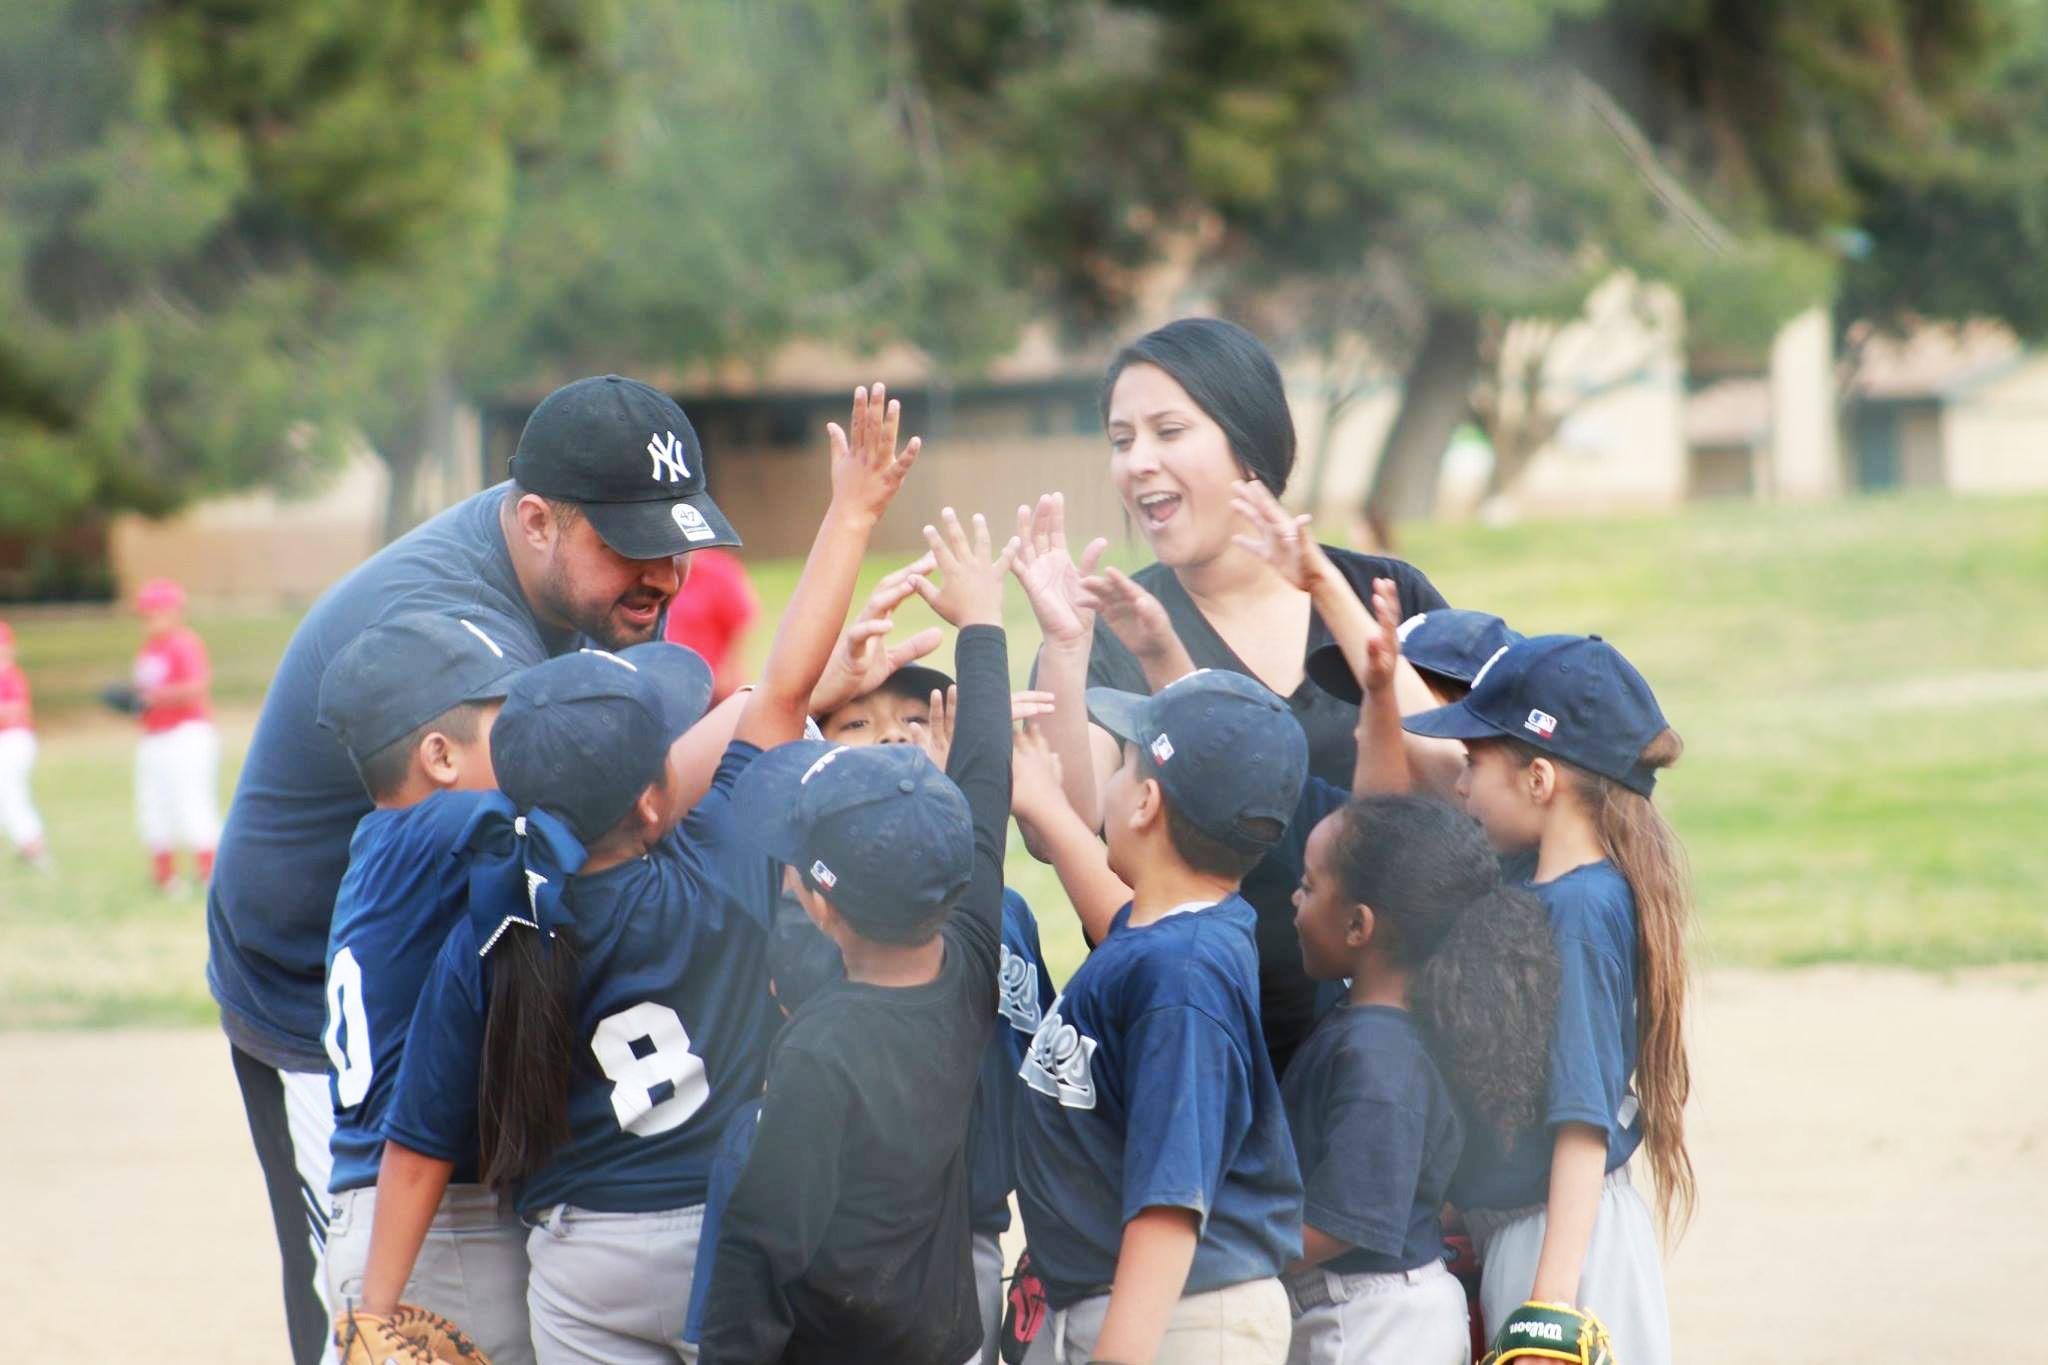 Youth Baseball huddle Team cheering